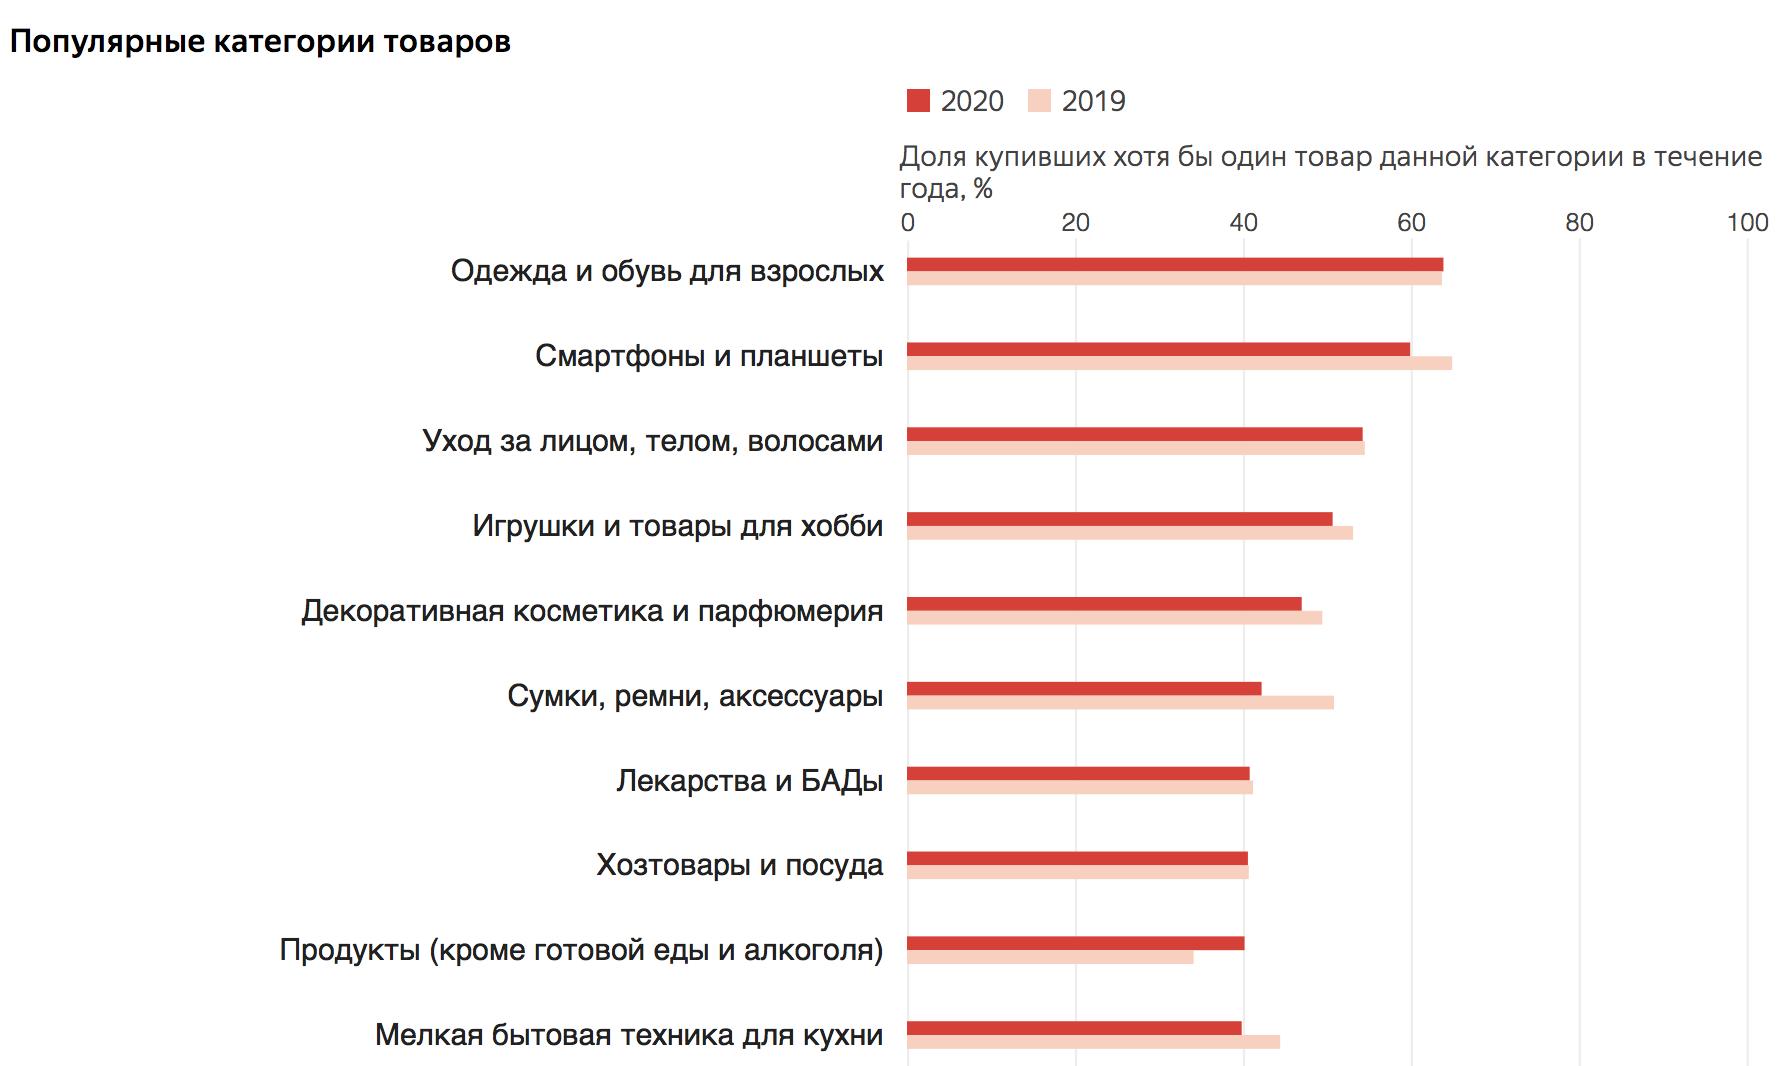 Половина россиян 16-55 лет покупают онлайн - исследование